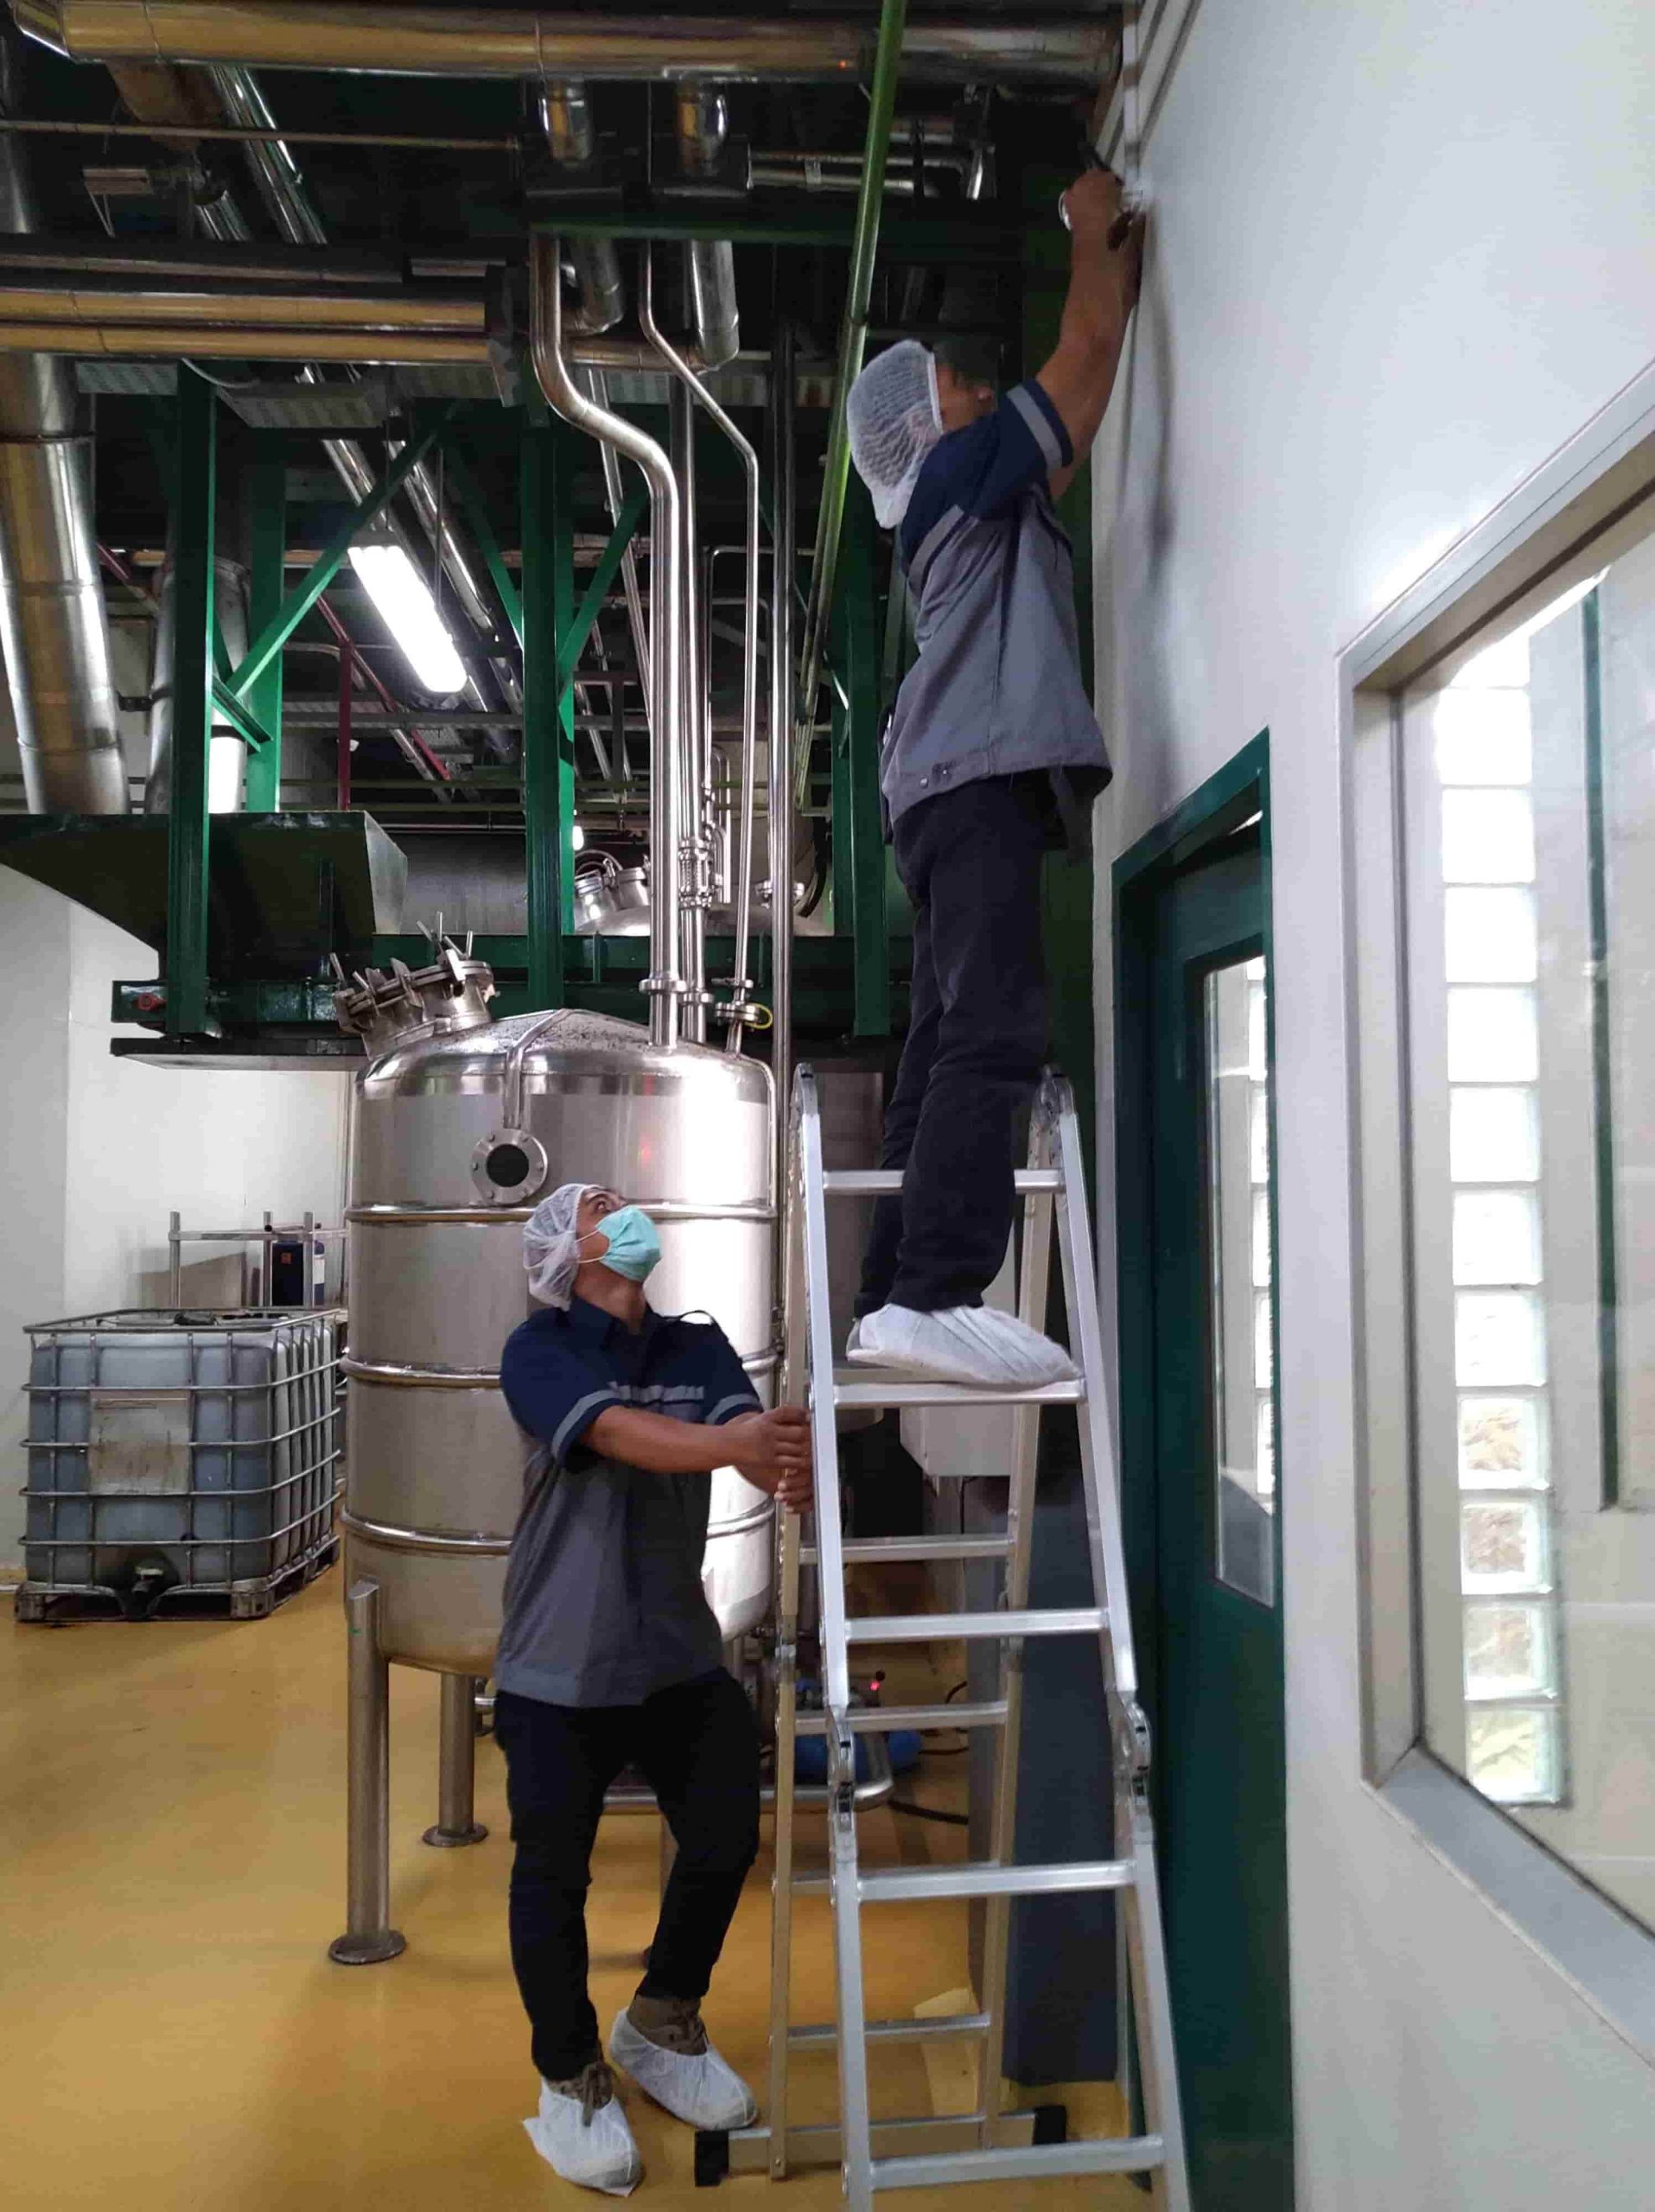 Teknisi Jasa Pasang CCTV Murah 5 scaled - BERANDA